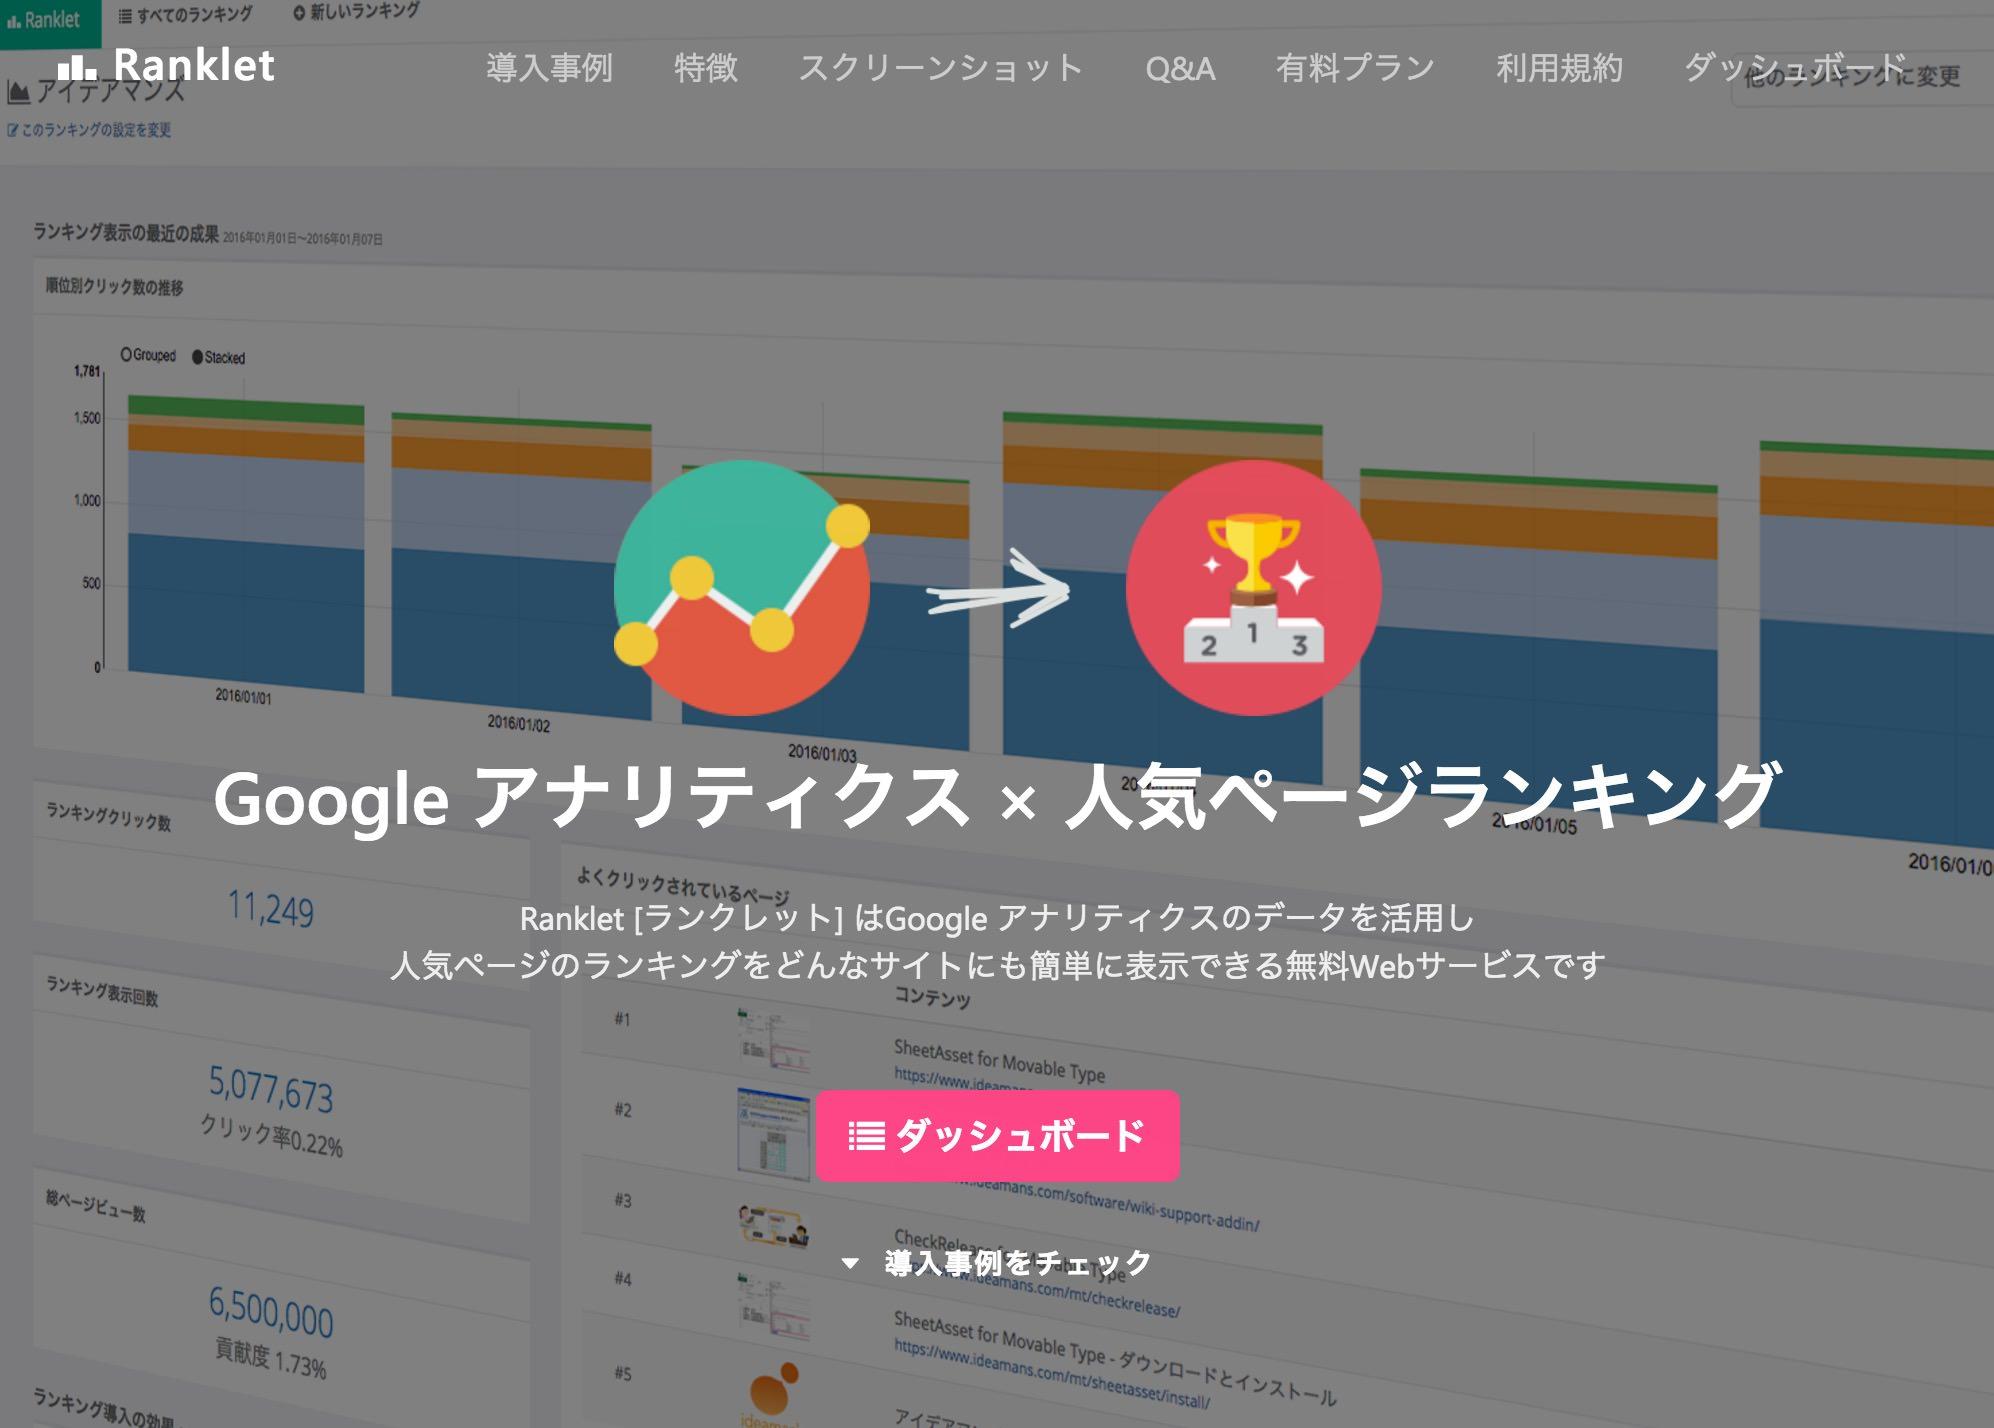 「Ranklet(ランクレット)」ブログにGoogleアナリティクスによるアクセスランキングをウィジェットで導入 → 手軽すぎる上にすぐに効果が出てこれは素晴らしい!